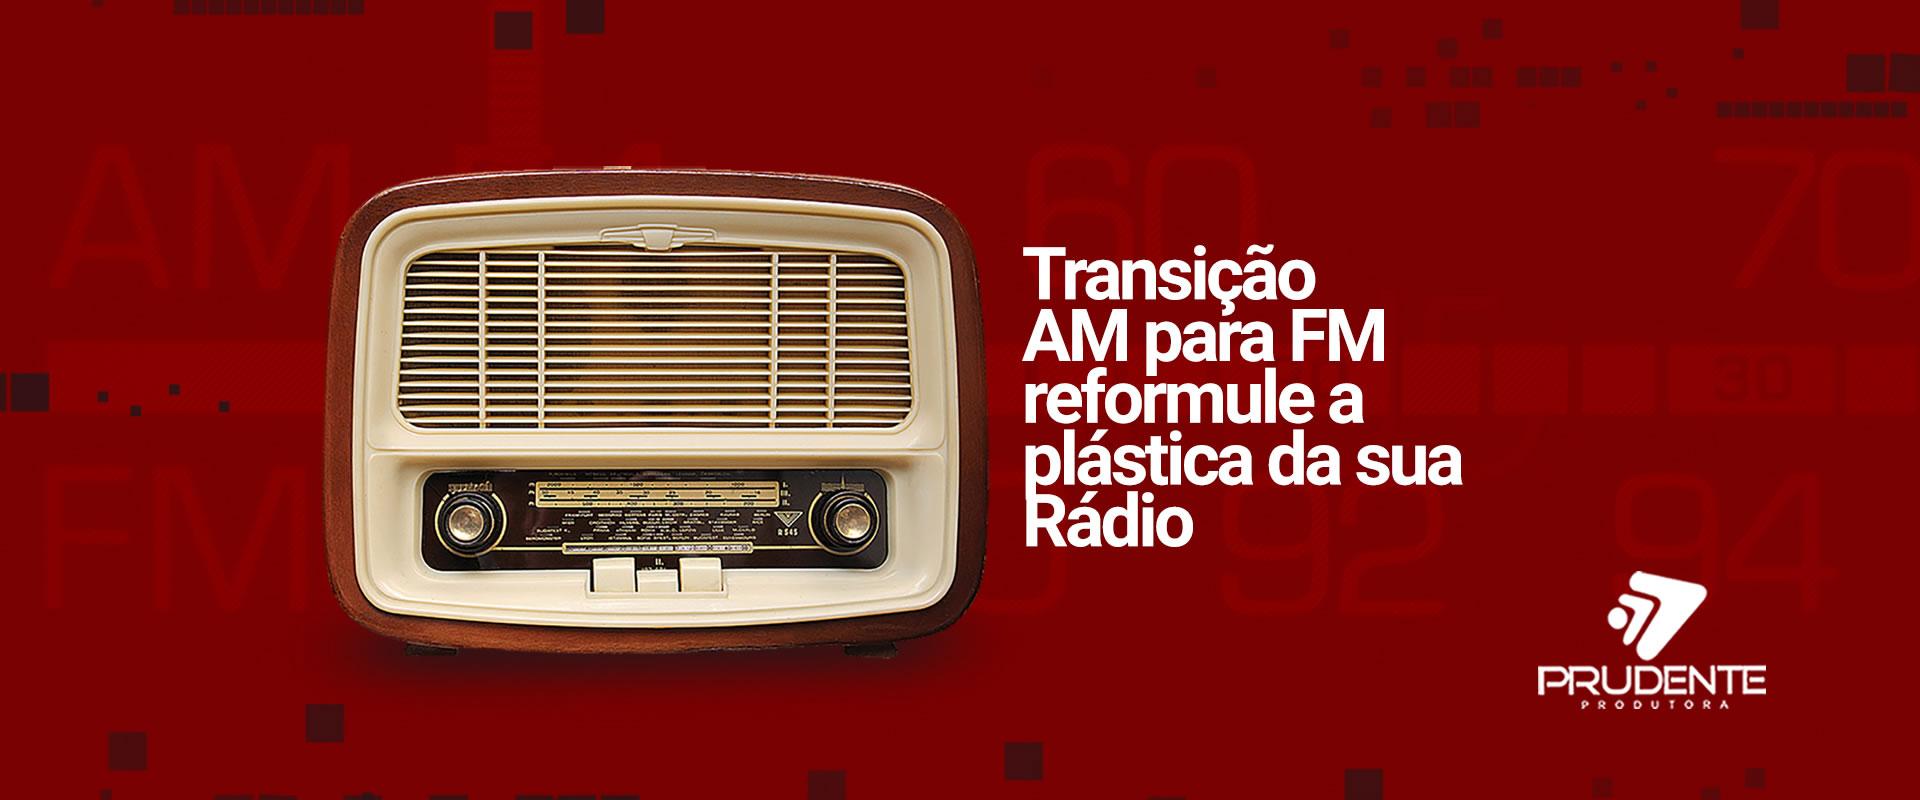 Transição AM para FM